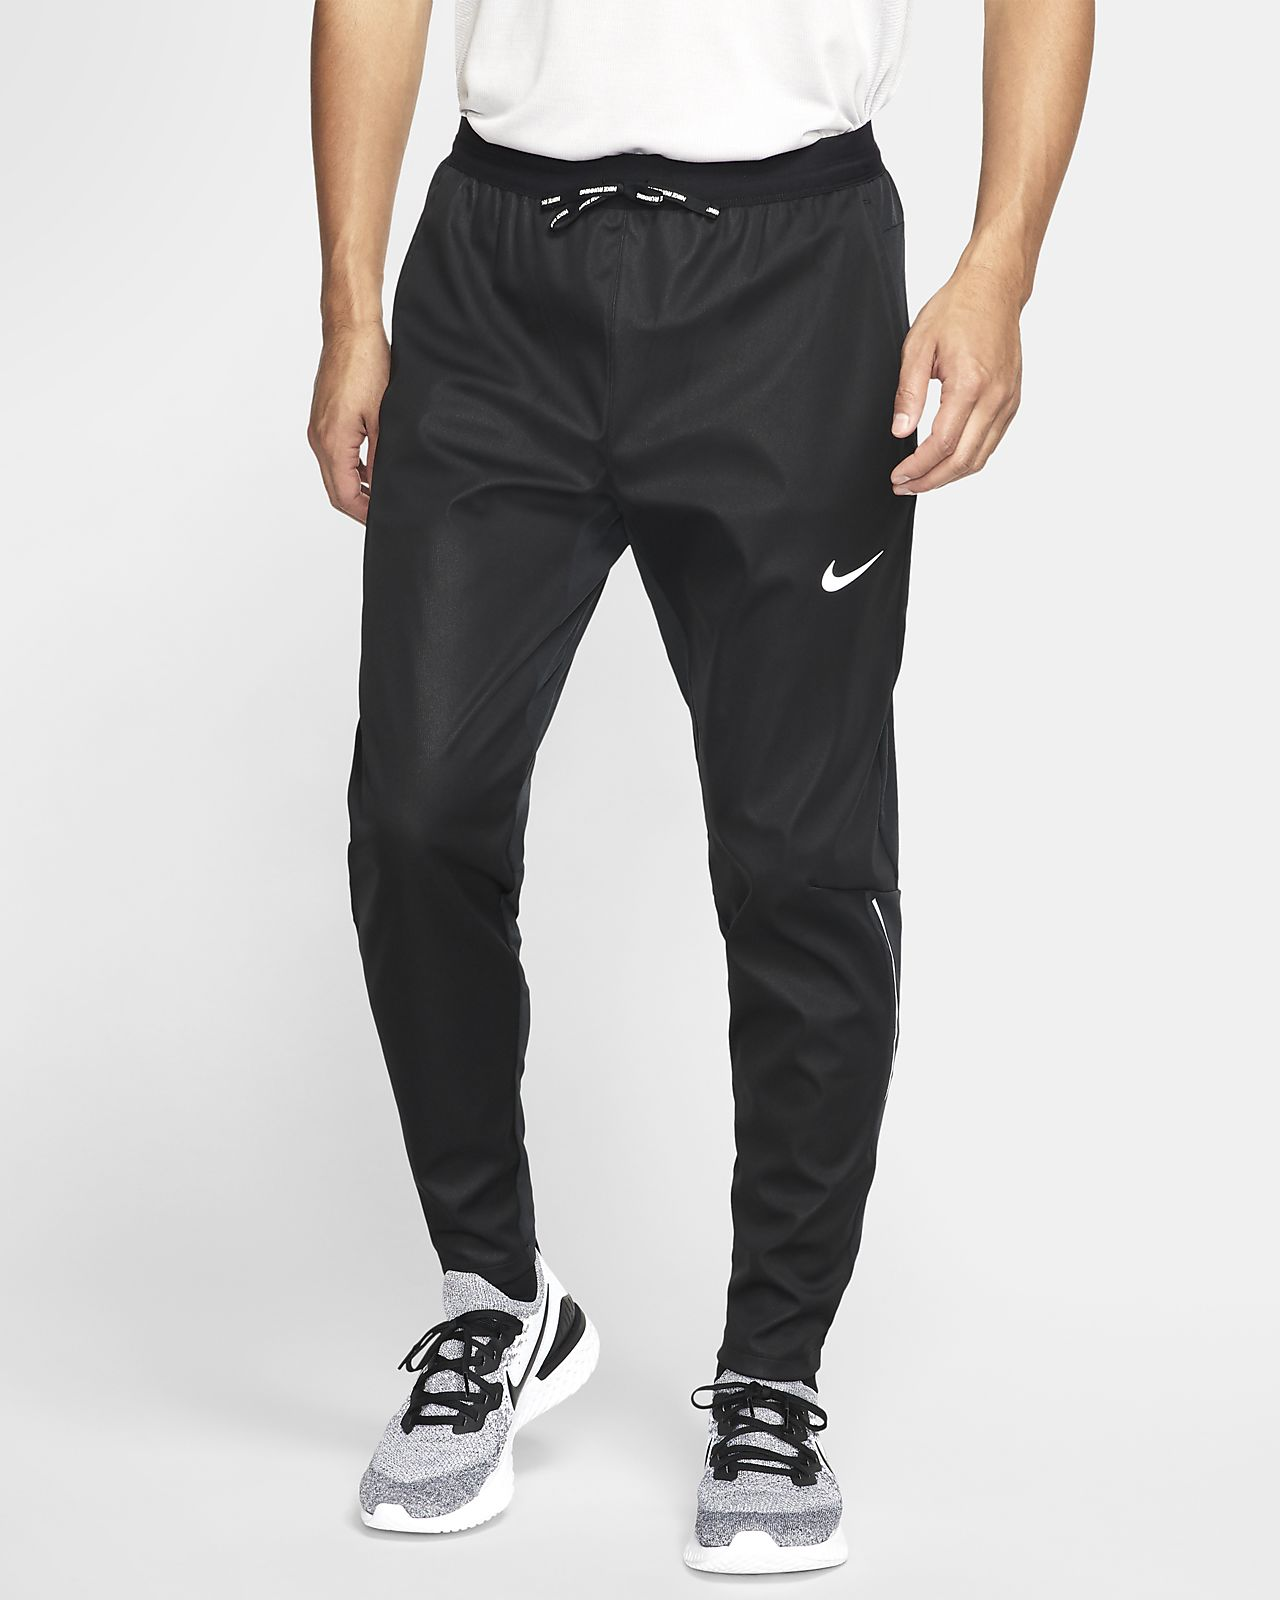 pantalon nike running homme